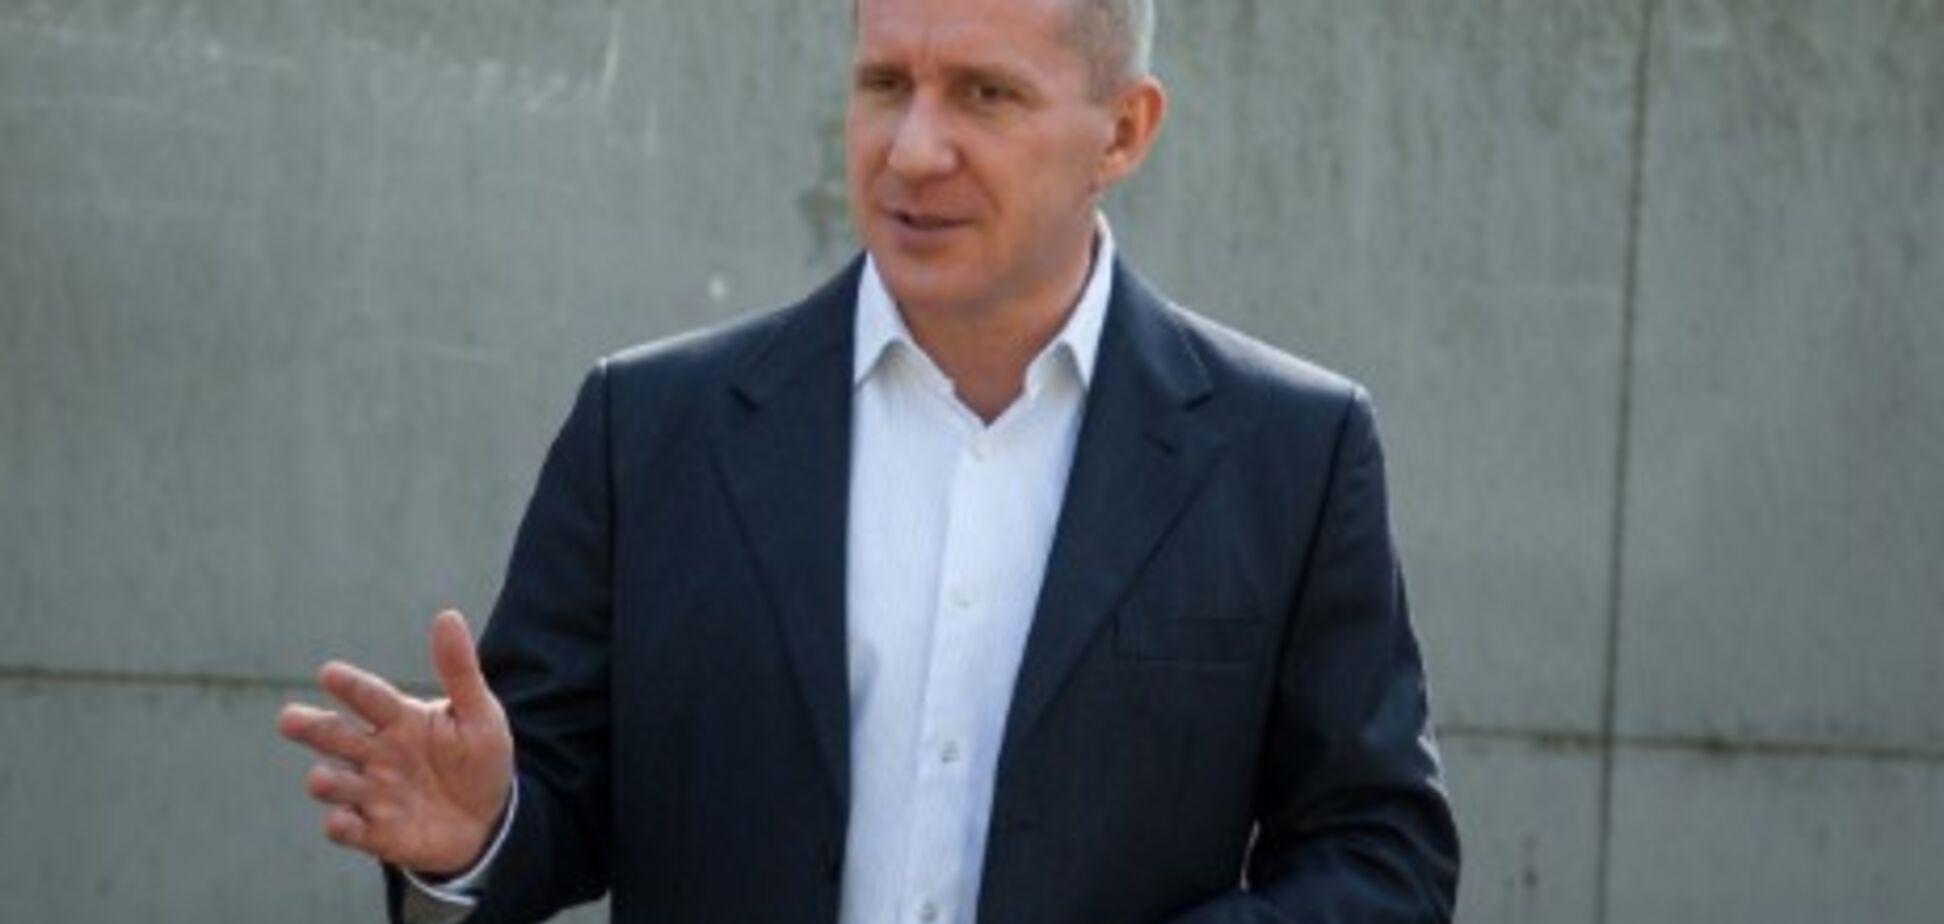 Нардеп попросил Грицака проверить законность обыска гендиректора 'Смарт Мэритайм Груп'